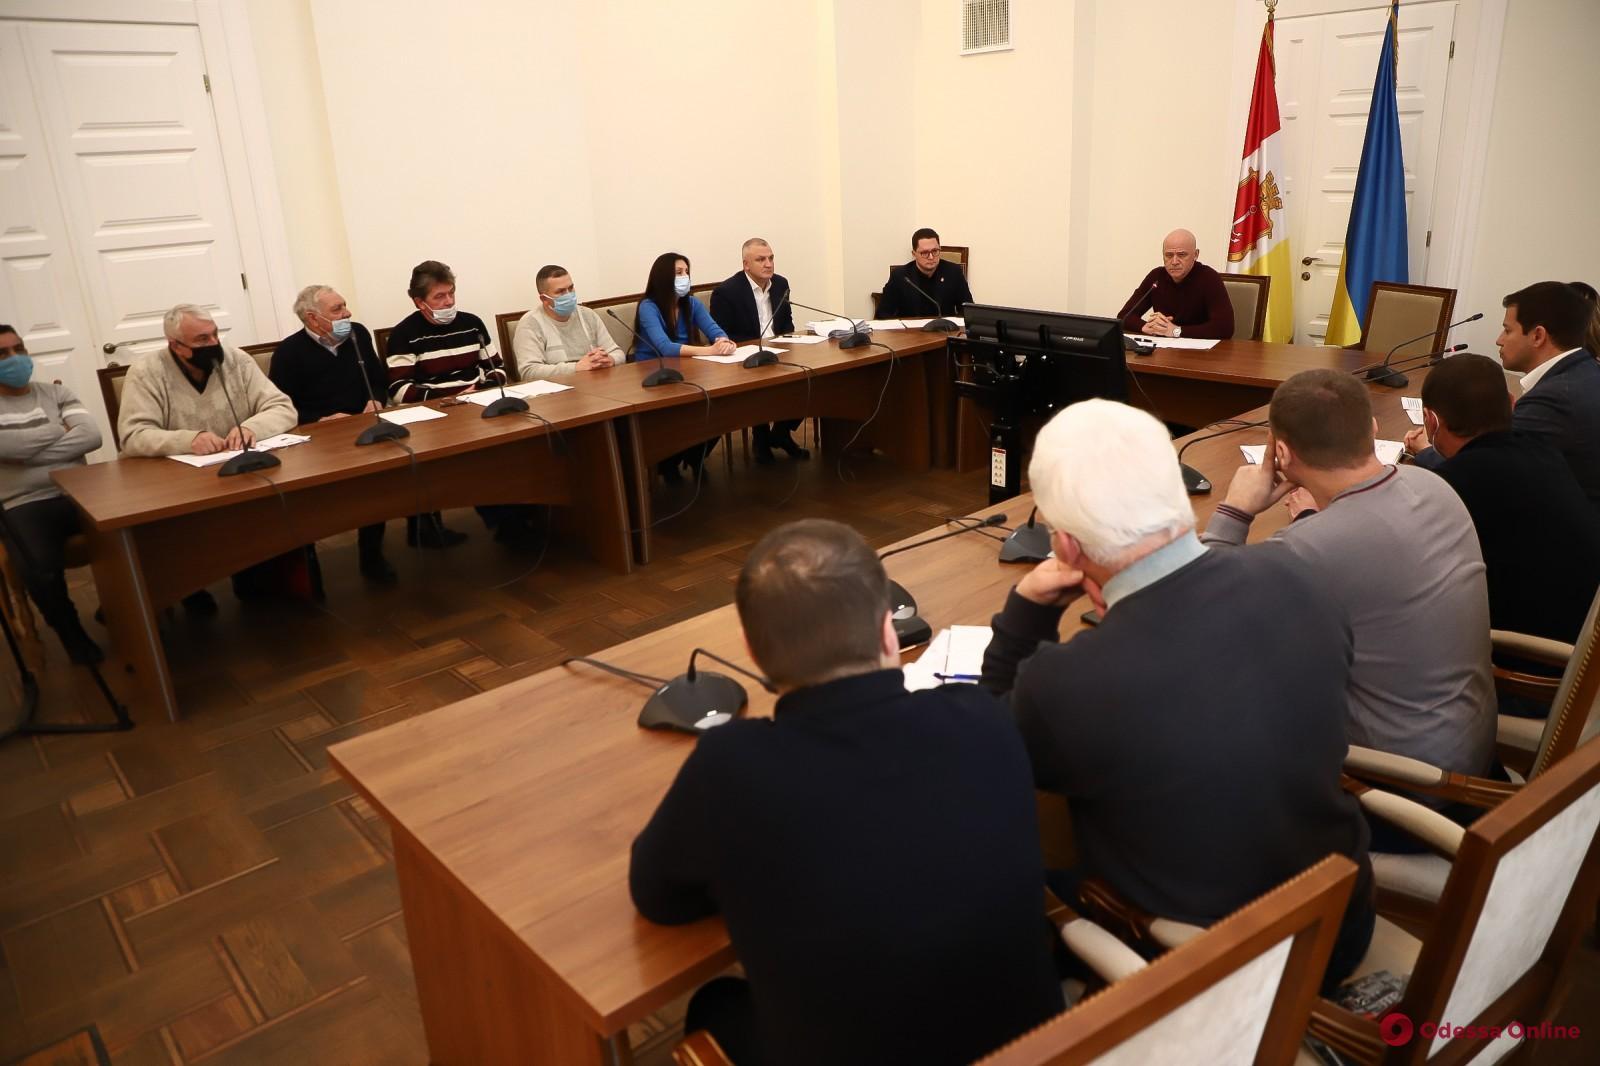 Мэр Одессы встретился с представителями гаражных кооперативов